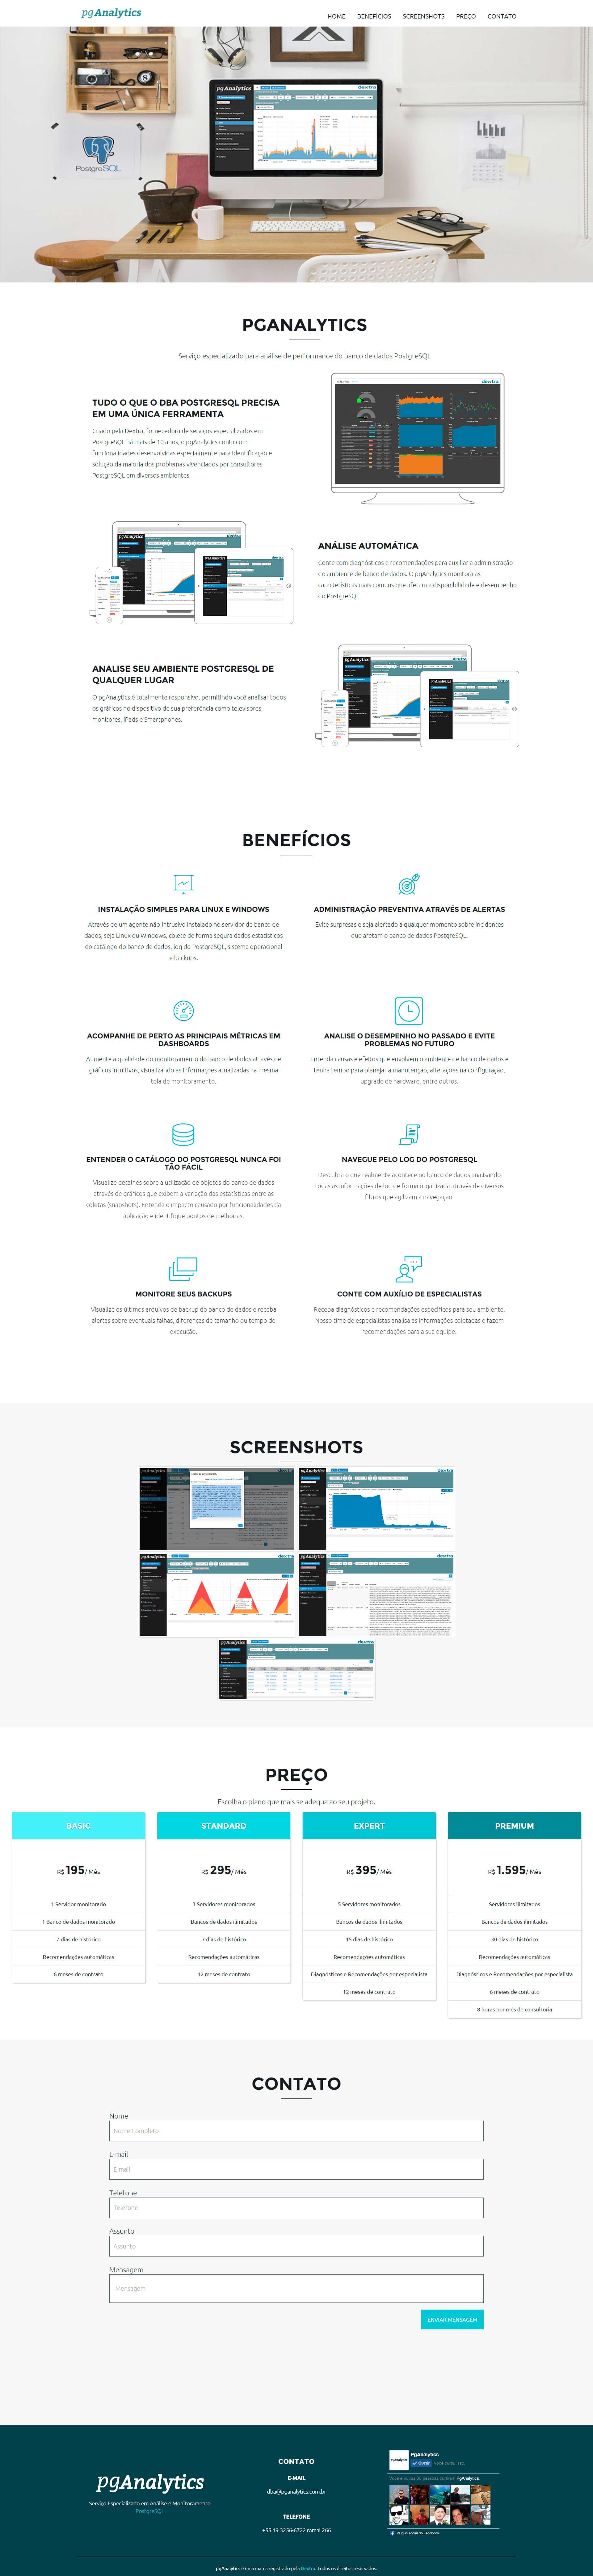 Projeto - Mutt Studio - Pg Analytics